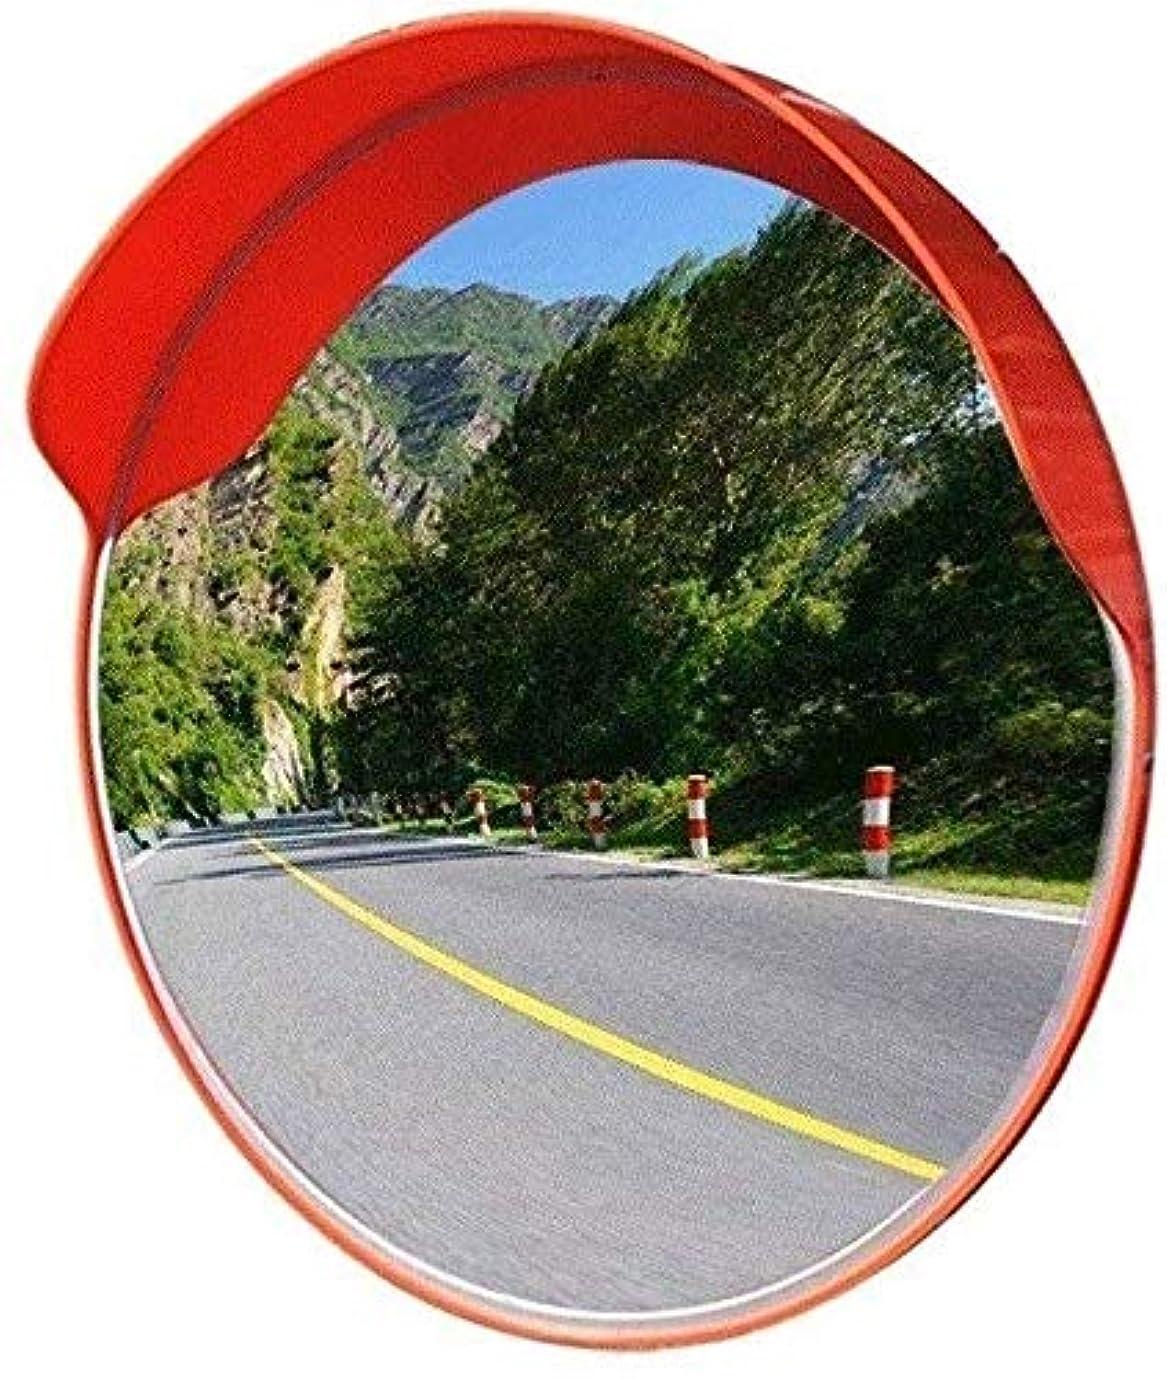 欠如夏流用する高速道路大型交通ミラー、視野を拡大凸面鏡防雨日焼け止め広角安全ミラー45-120CM(サイズ:100CM)